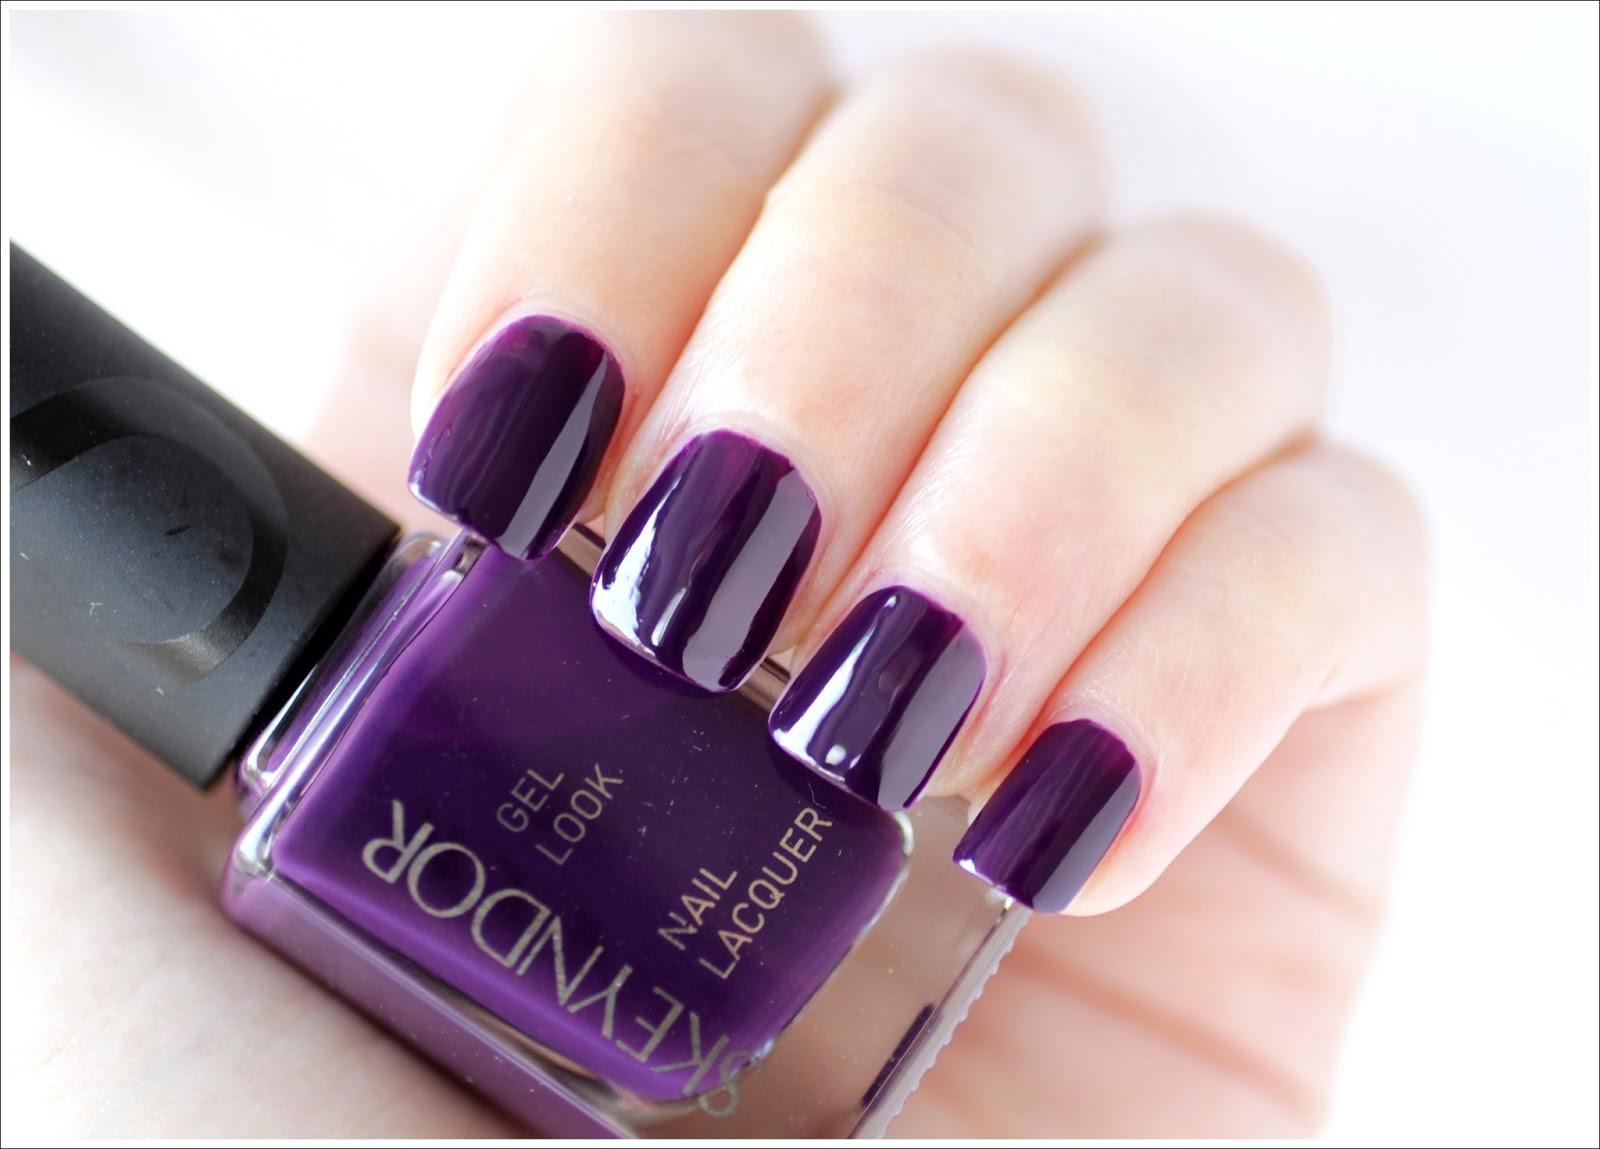 Esmalte Midnight Purple de Skeyndor - DoBeauting